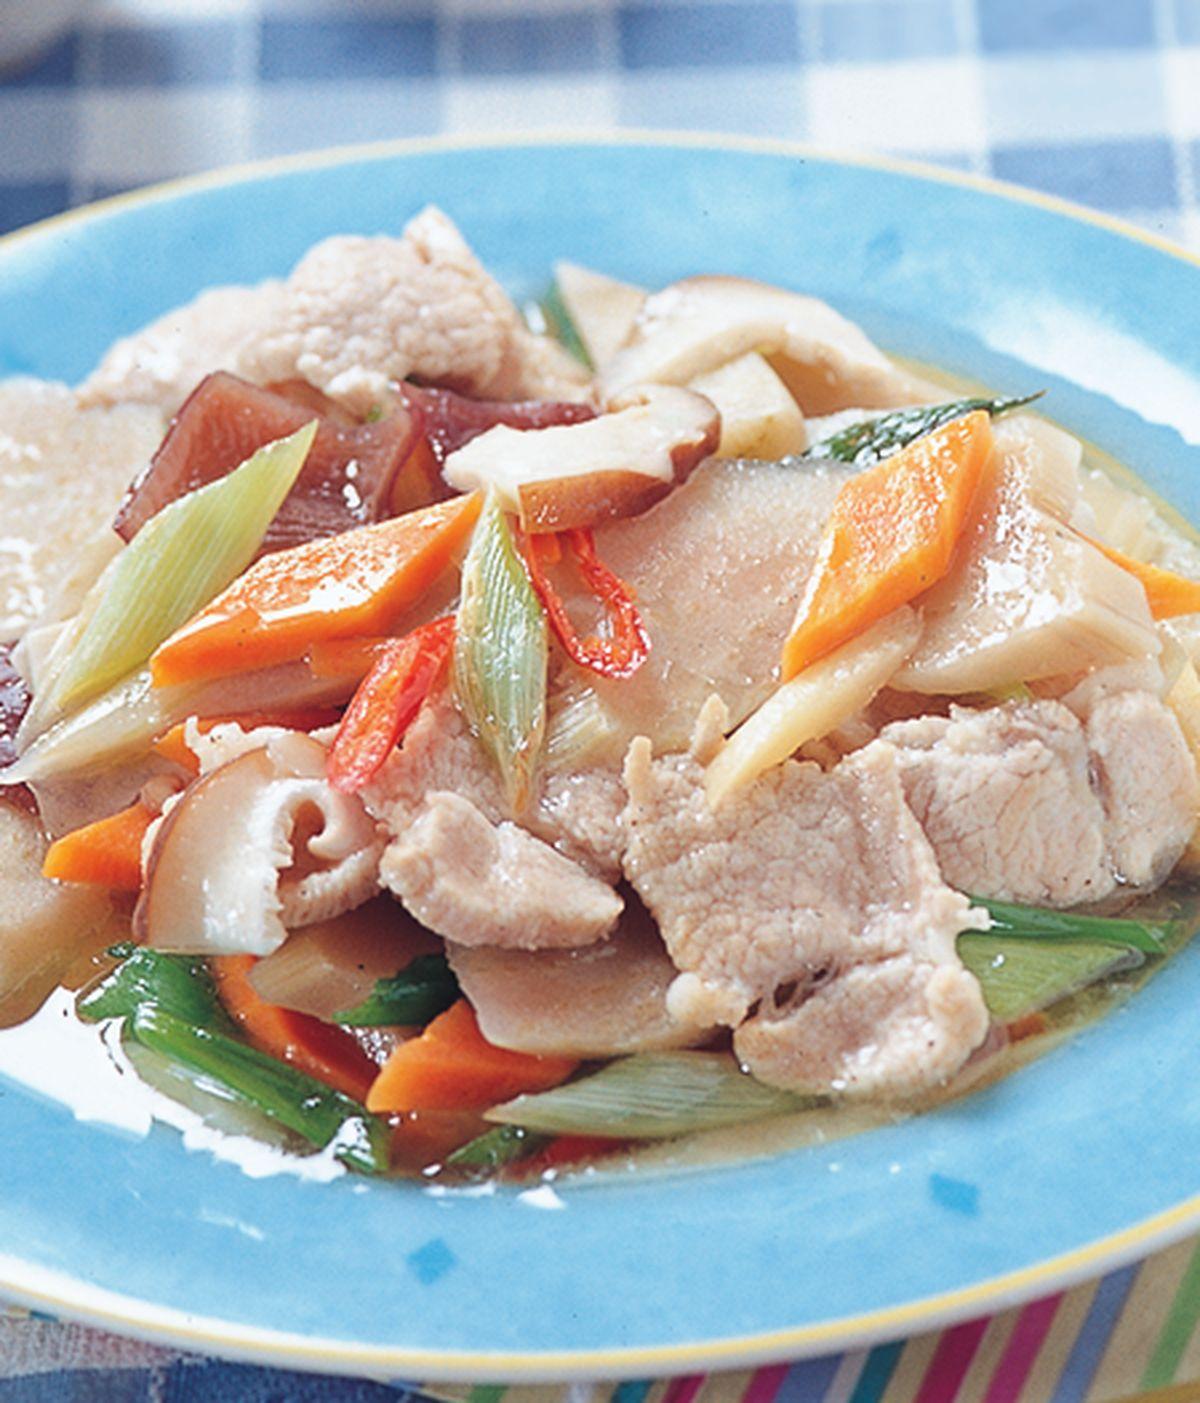 食譜:猴尾仔炒肉片